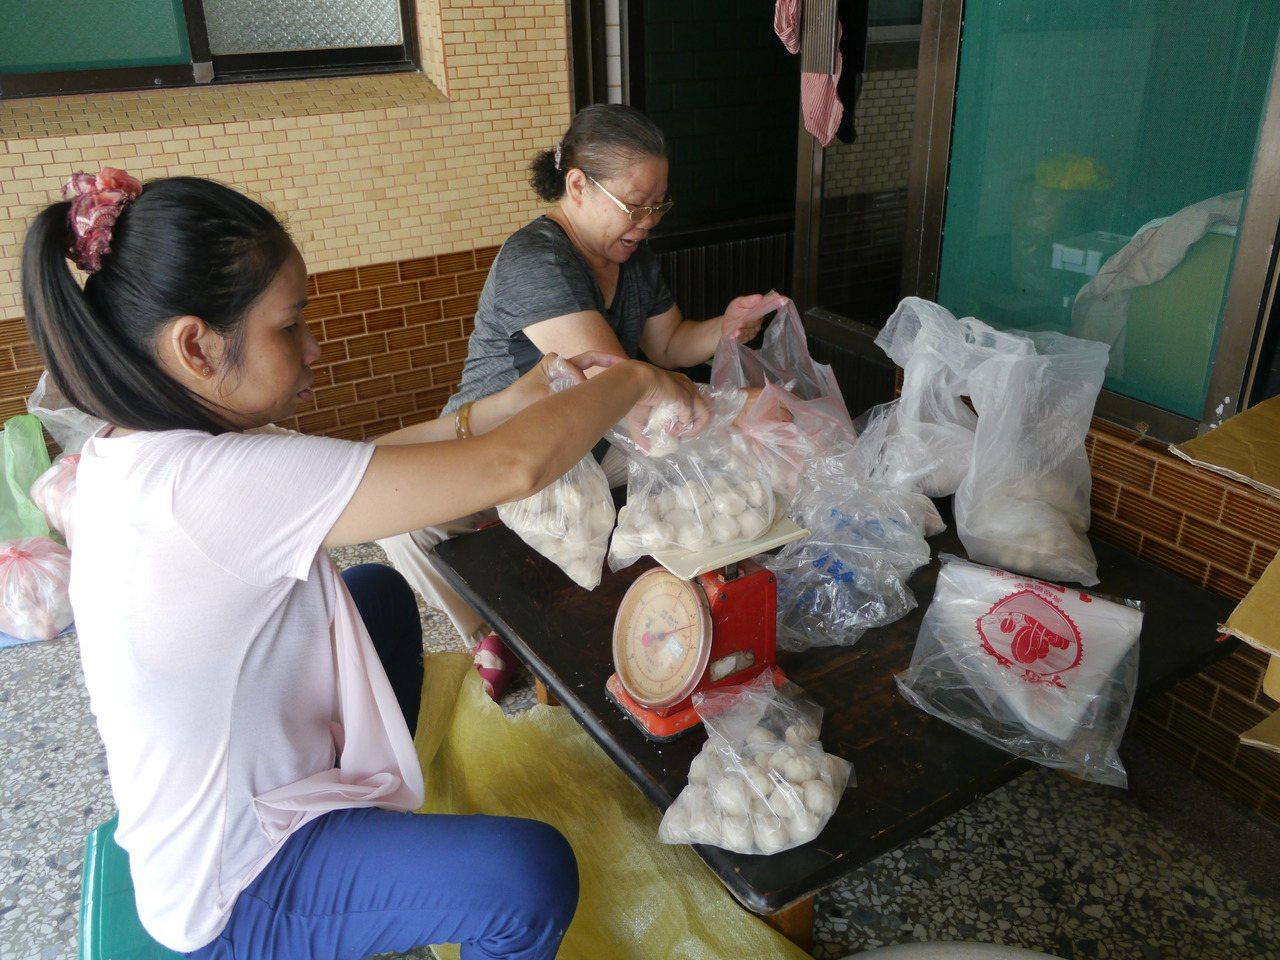 陳家製作手工魚丸出售,消息傳開後,很多善心人士趕來茄萣購買,鄰居也來幫忙出貨。記...